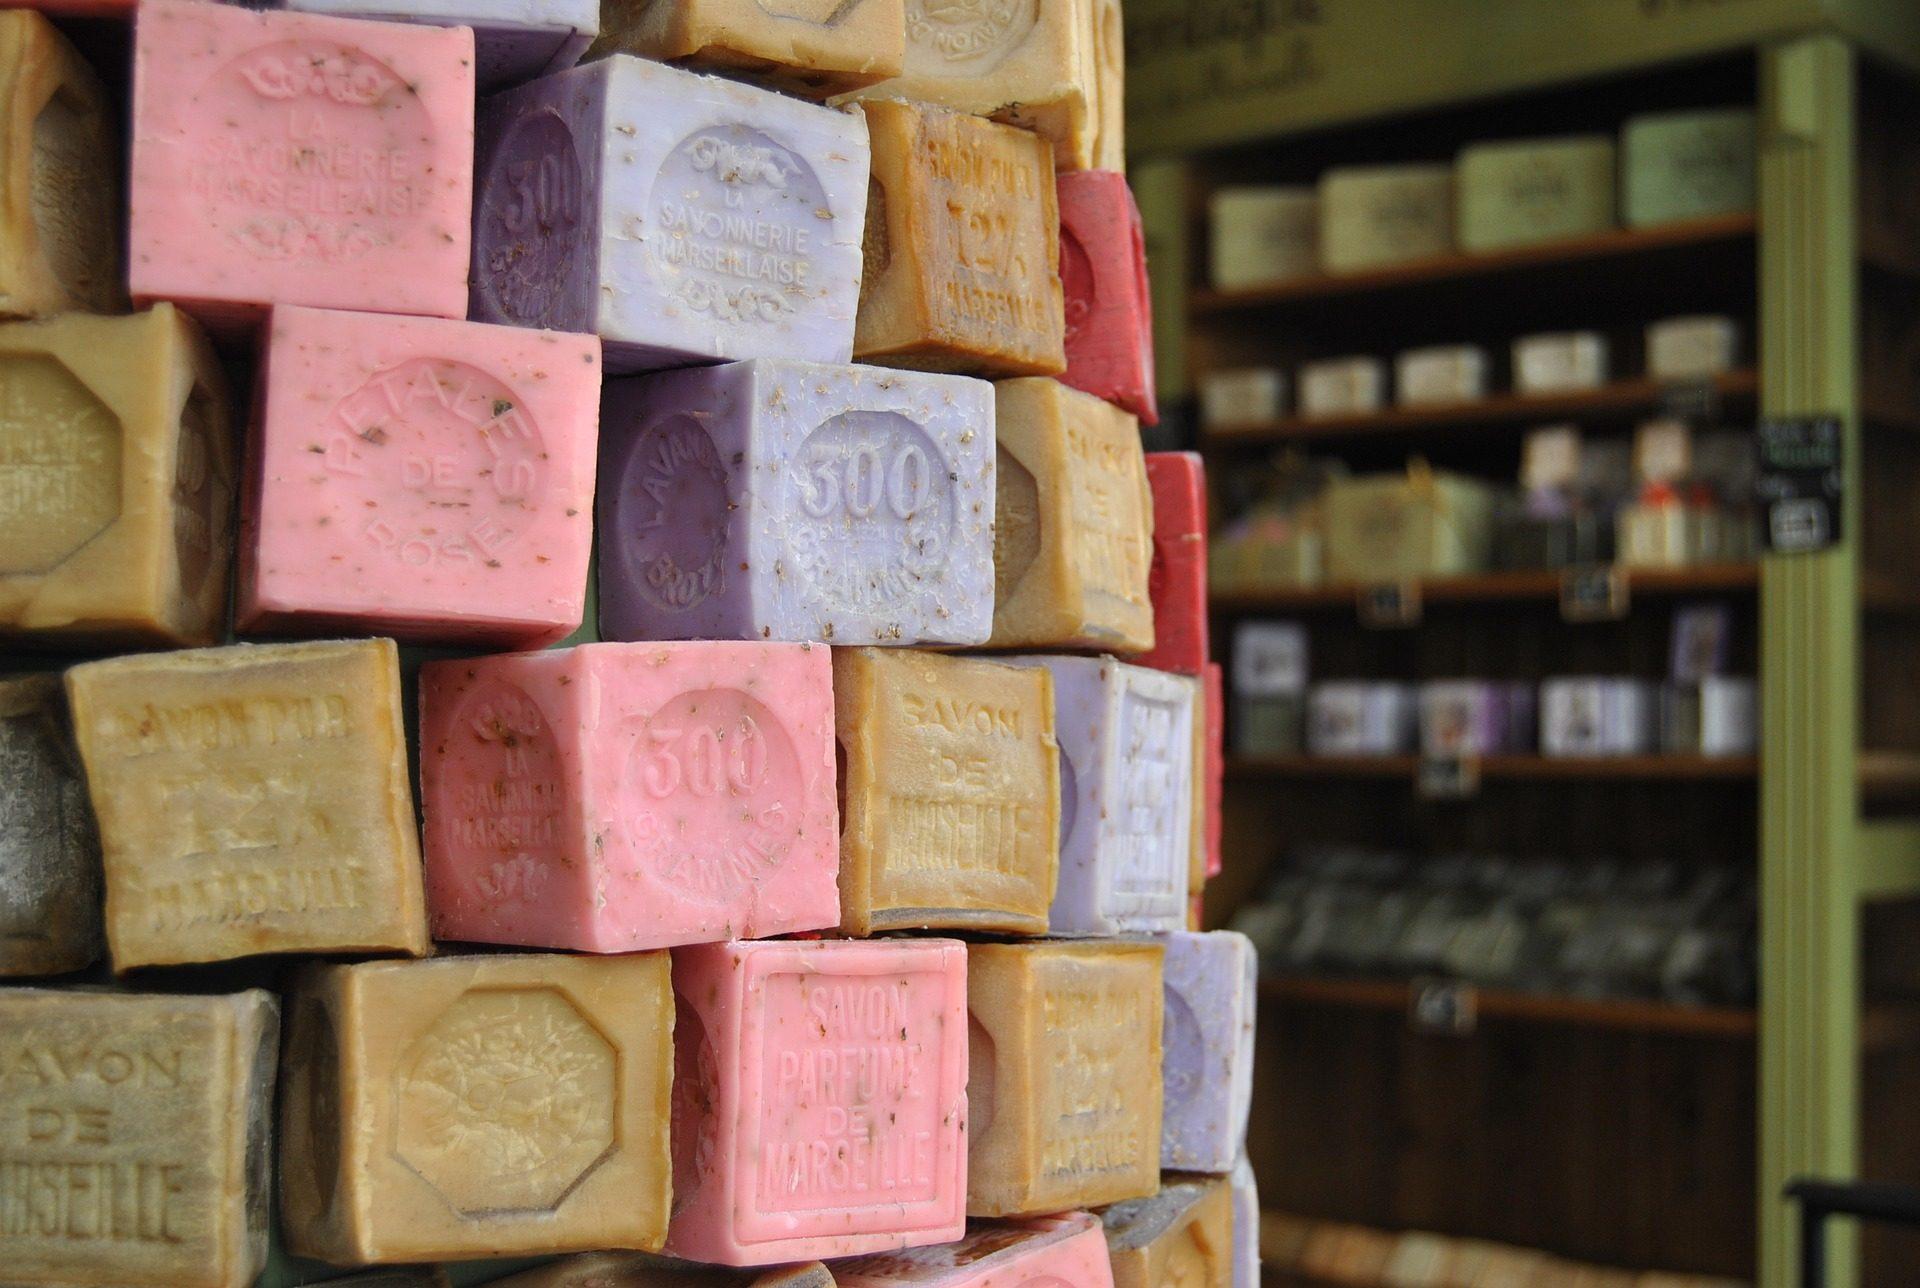 مكعبات, الألوان, صابون, متجر, مرسيليا - خلفيات عالية الدقة - أستاذ falken.com